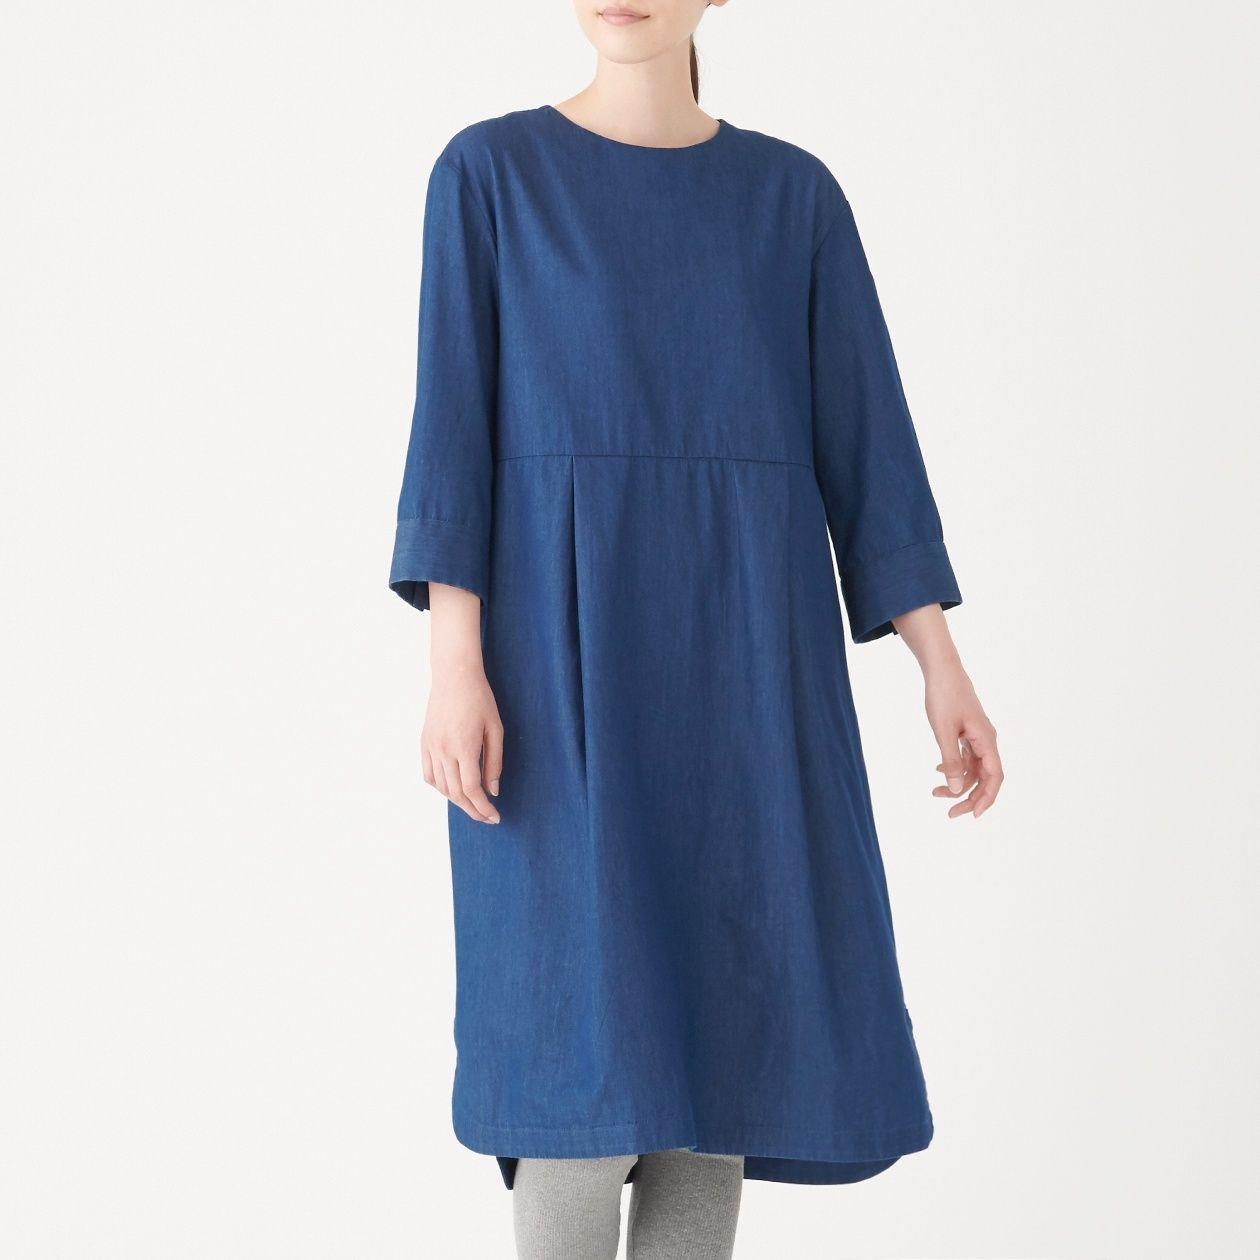 [무인양품] 인도산면 데님 크루넥 원피스 여성S・다크 네이비 MUJI 일본 공식스토어